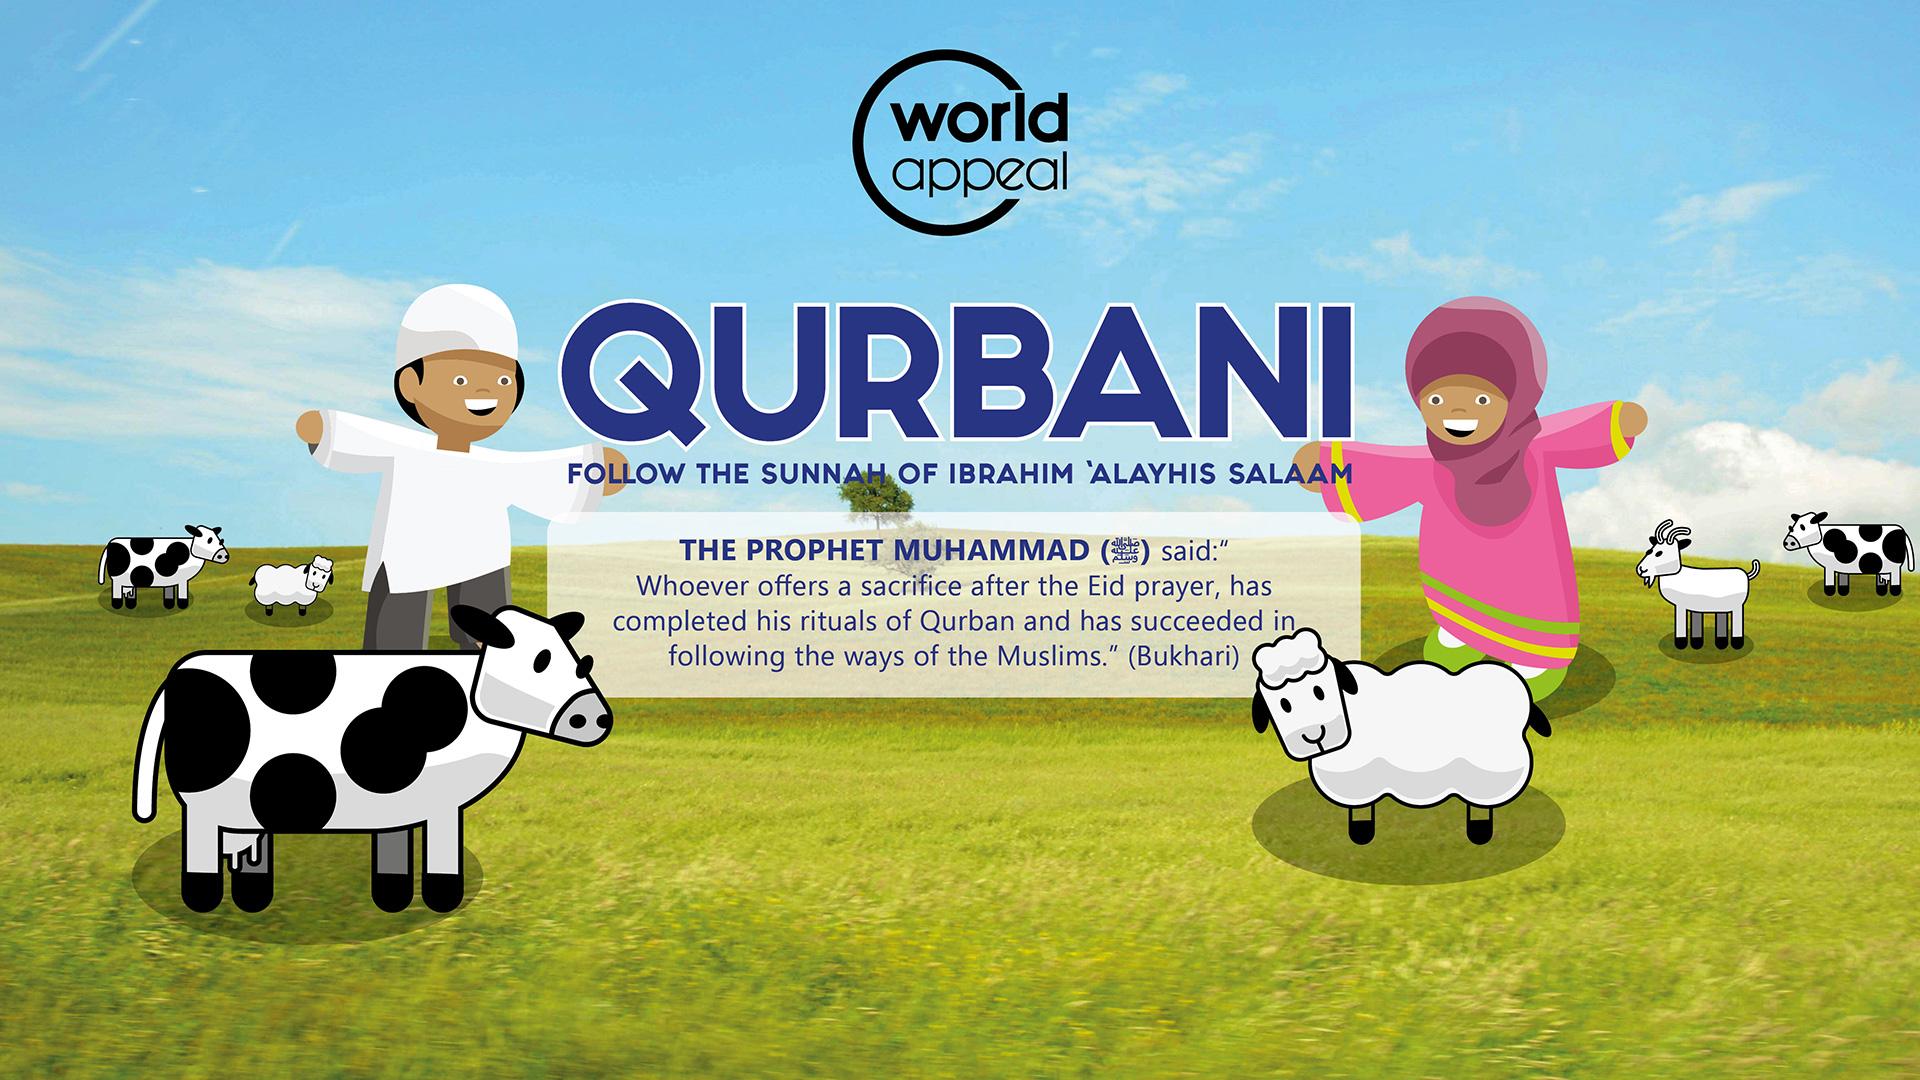 World Appeal - Qurbani Campaign